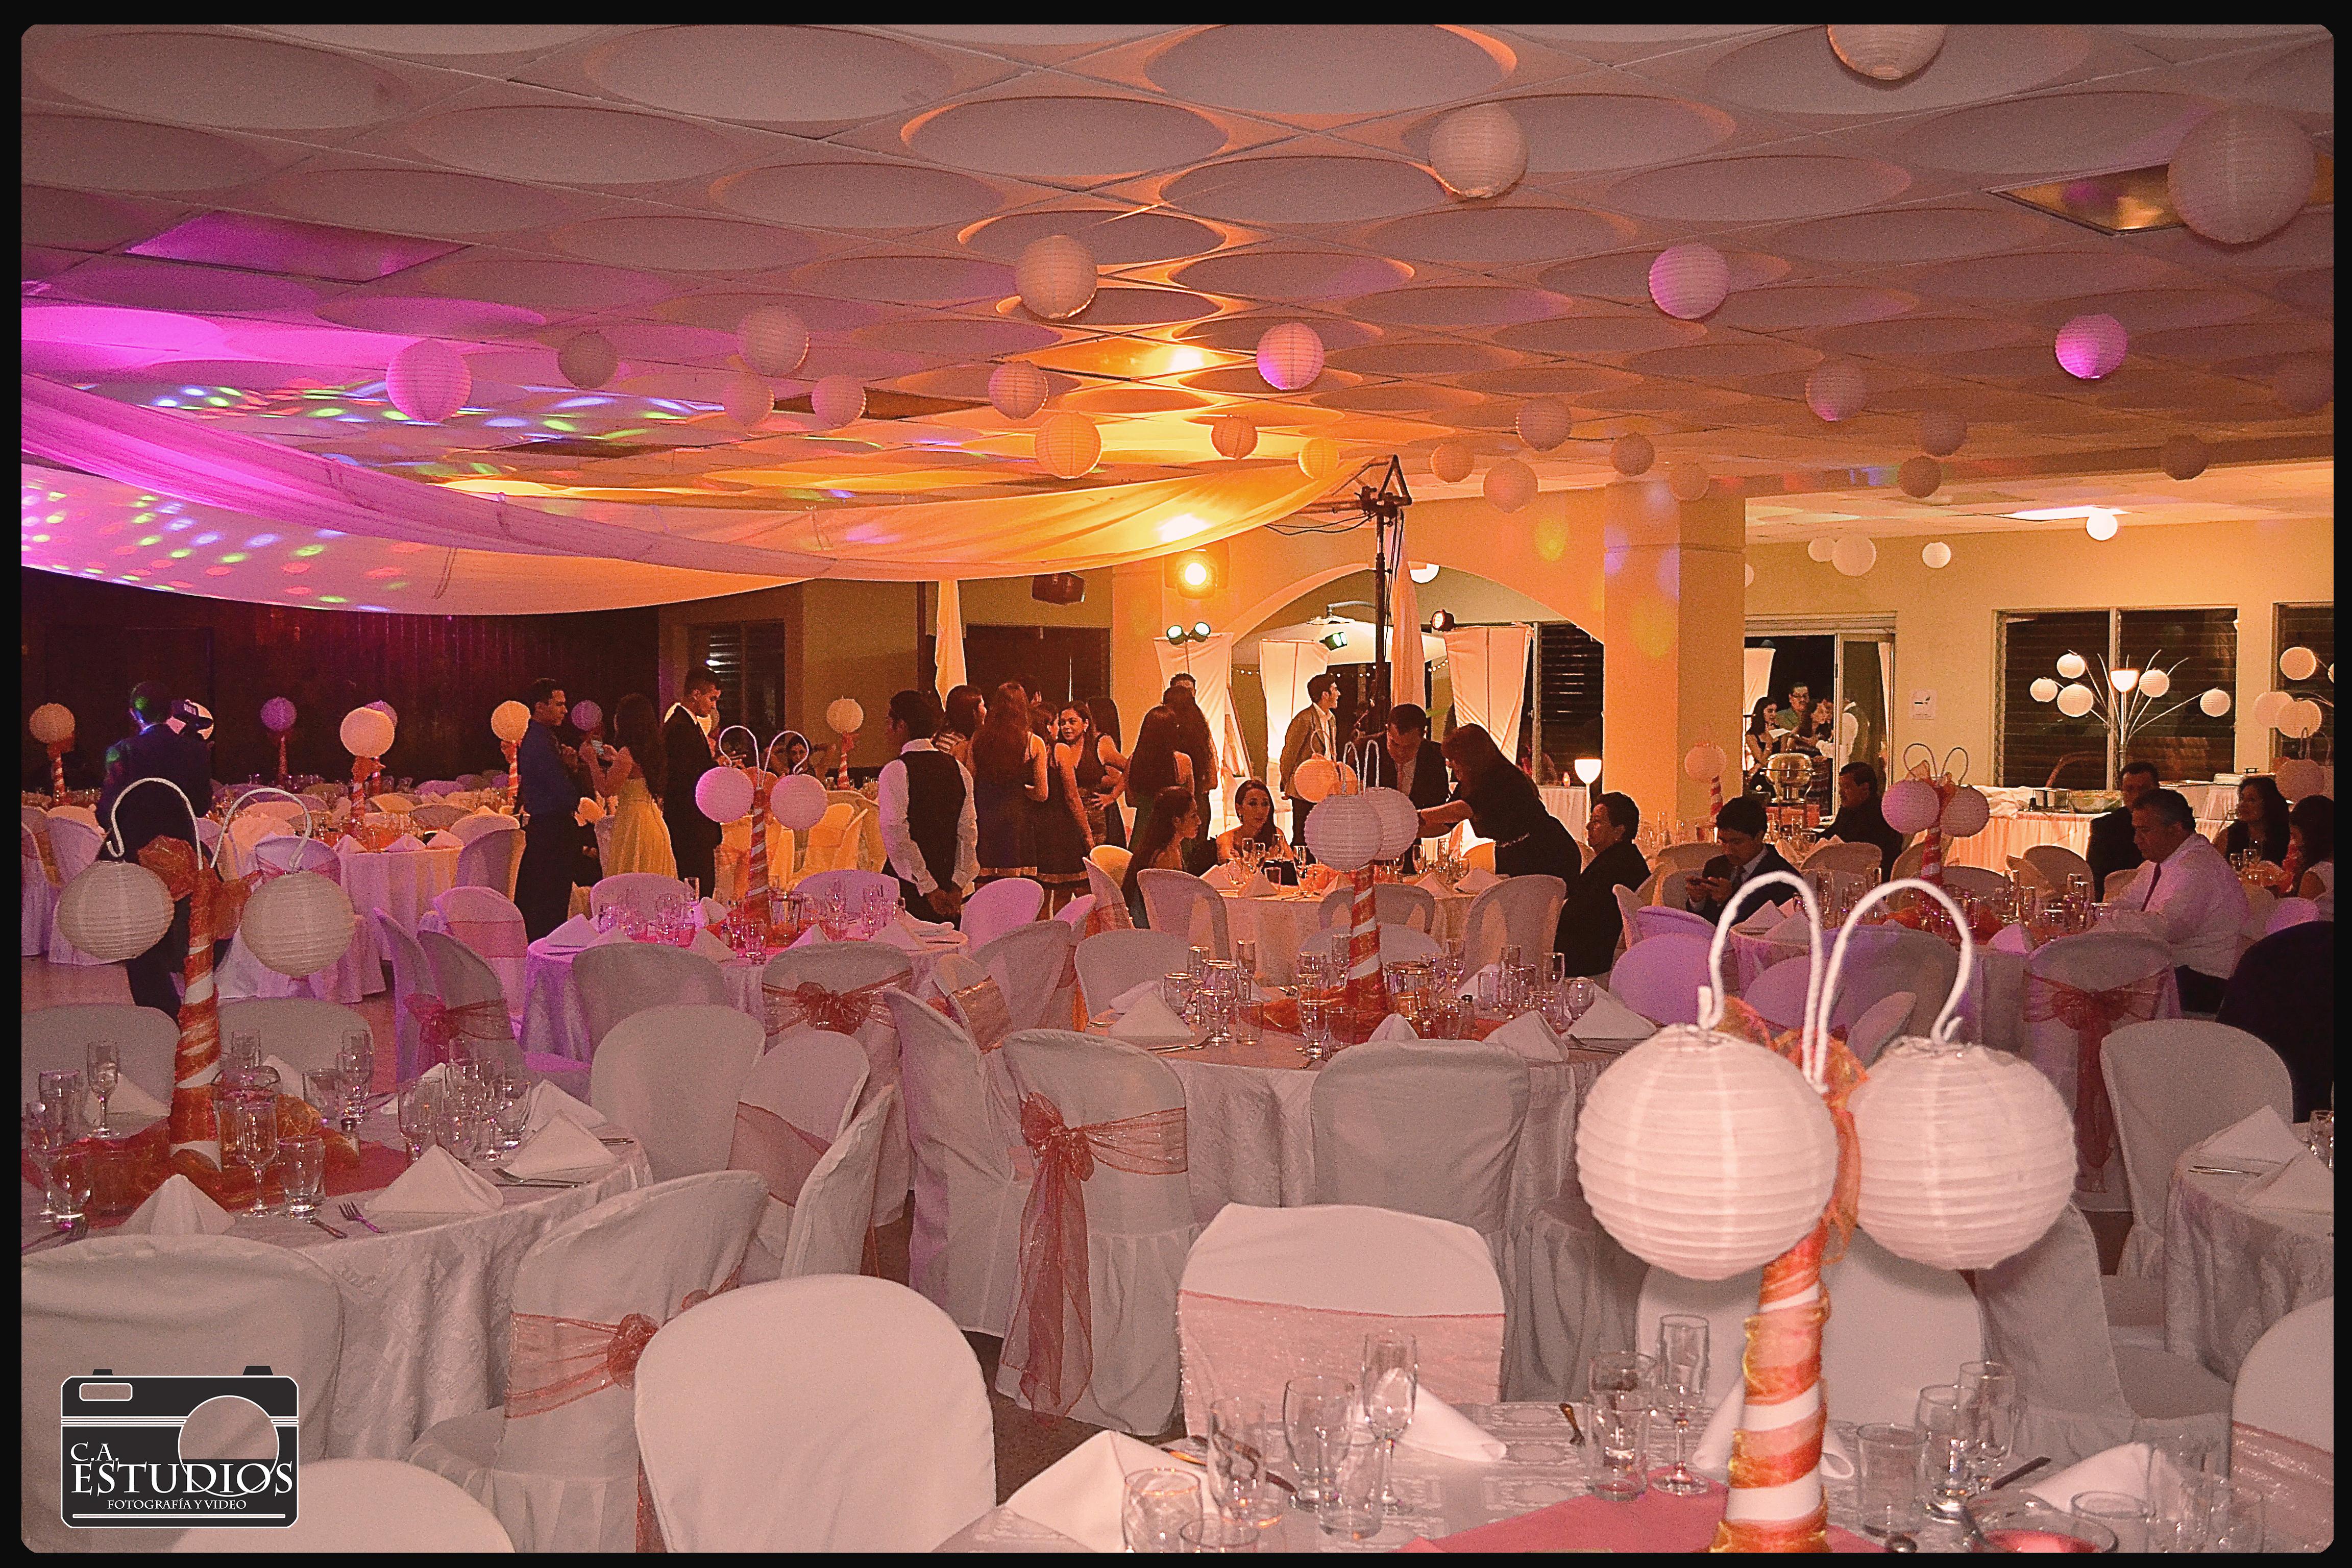 Corporación_Arreola_salones_banquetes_discoteca_Guatemala59